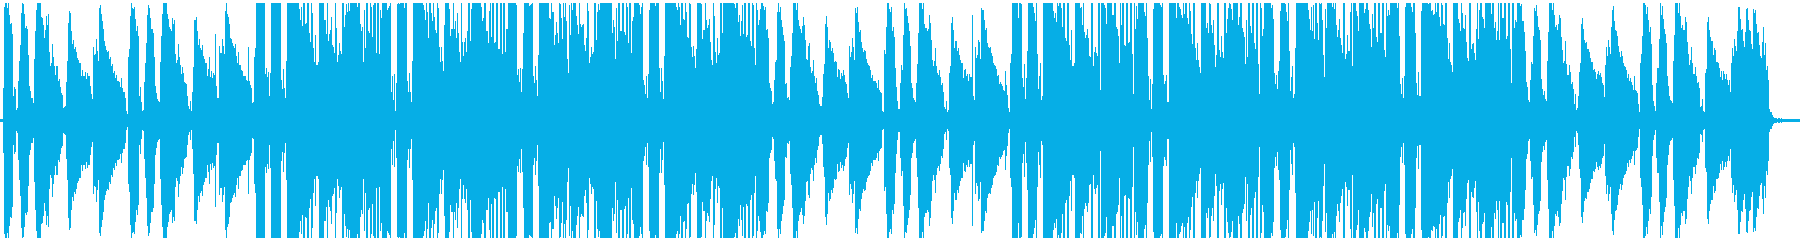 ギターメインのLo-Fi Hip Hopの再生済みの波形